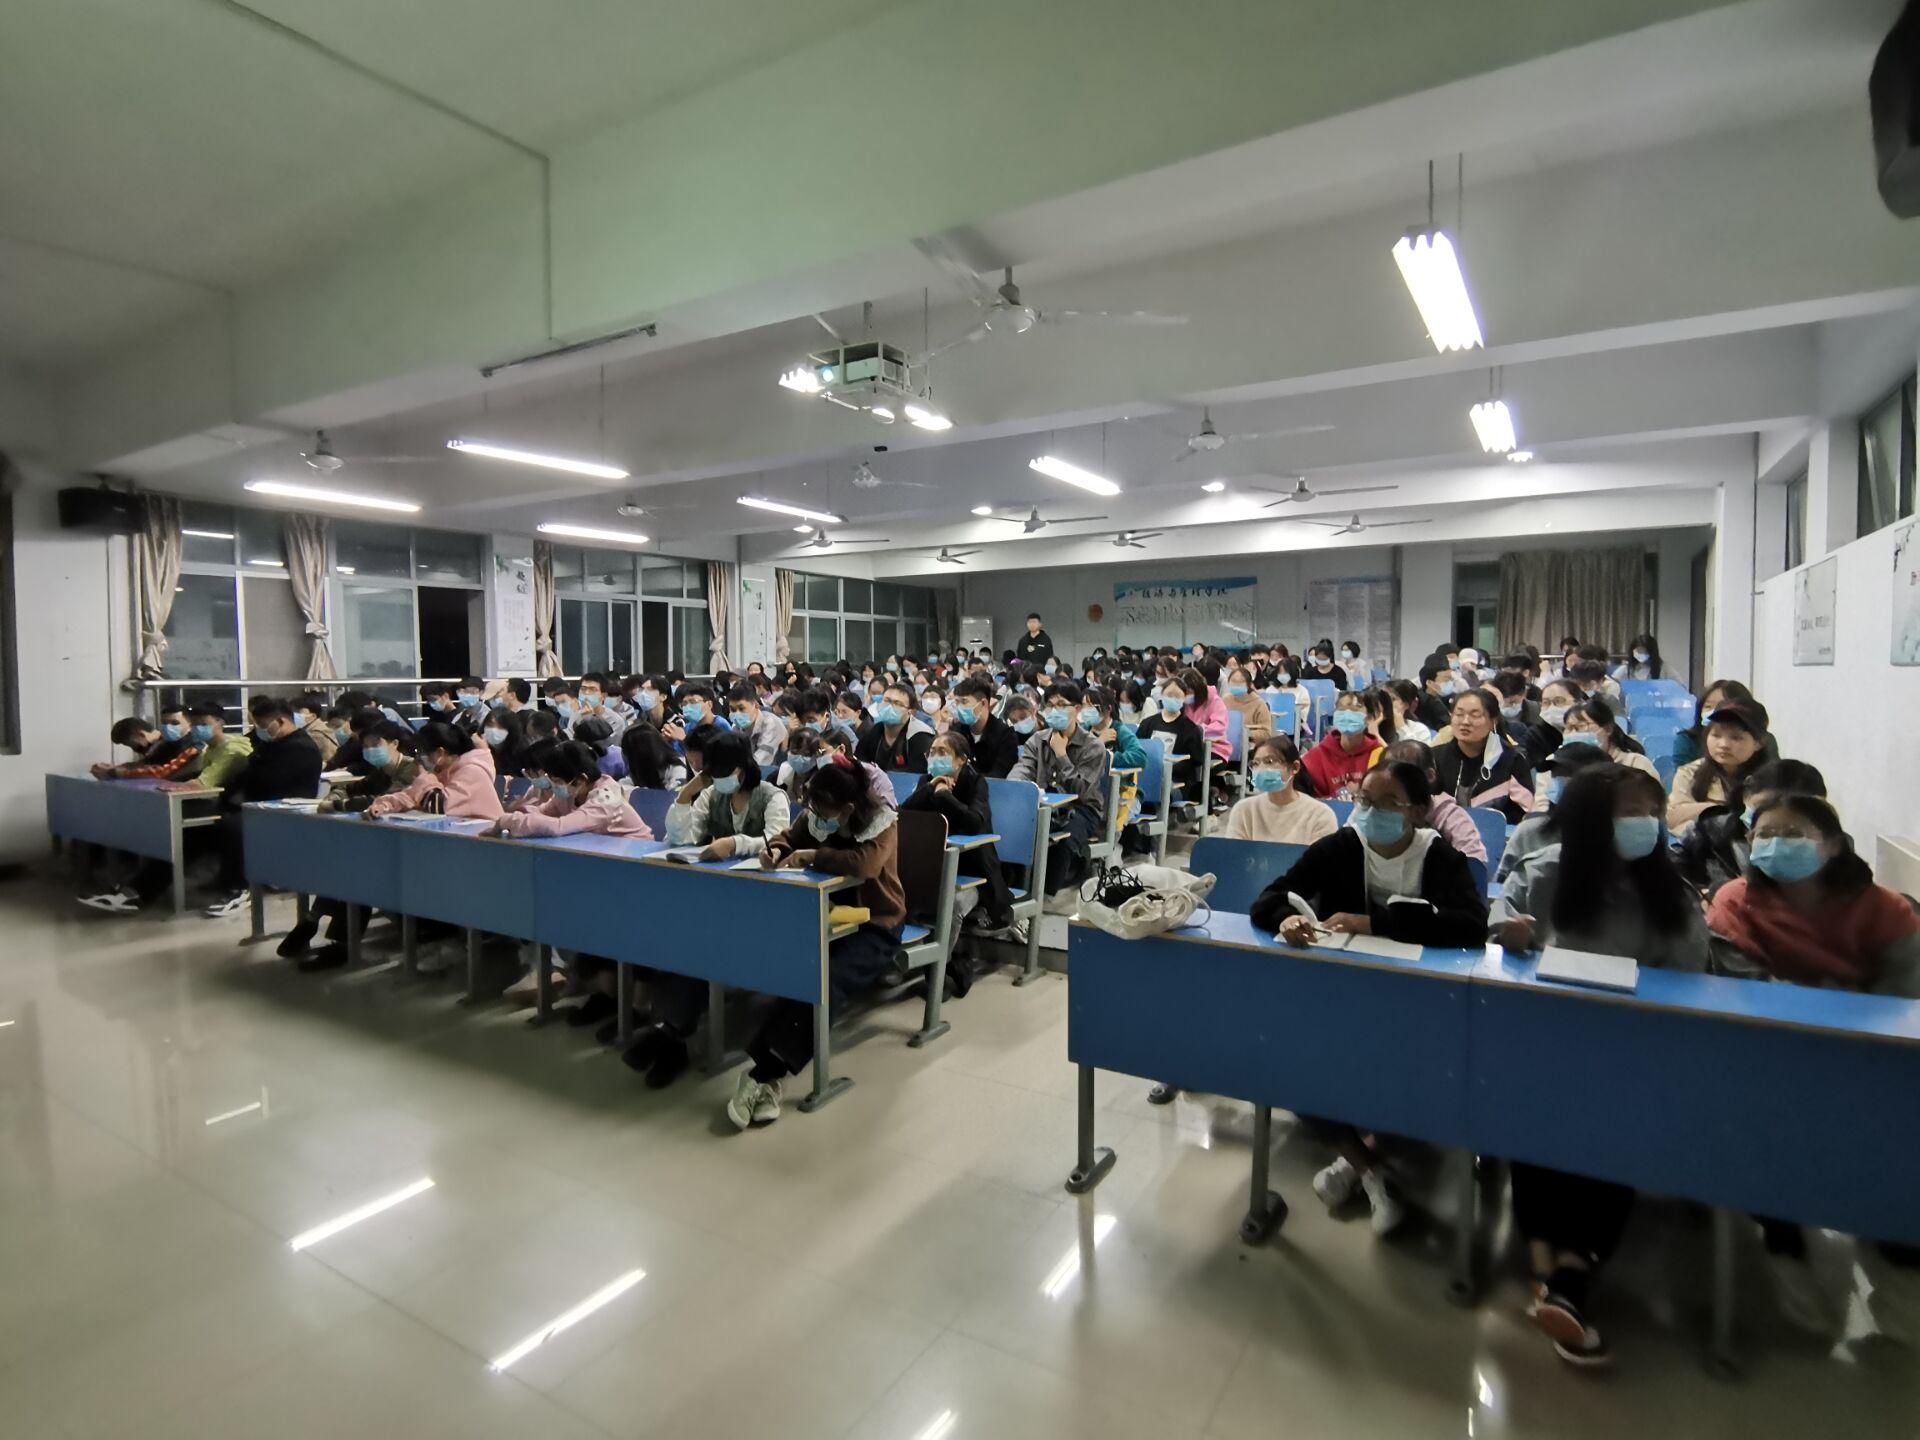 中国人民财产保险公司驻马店分公司参与招聘会